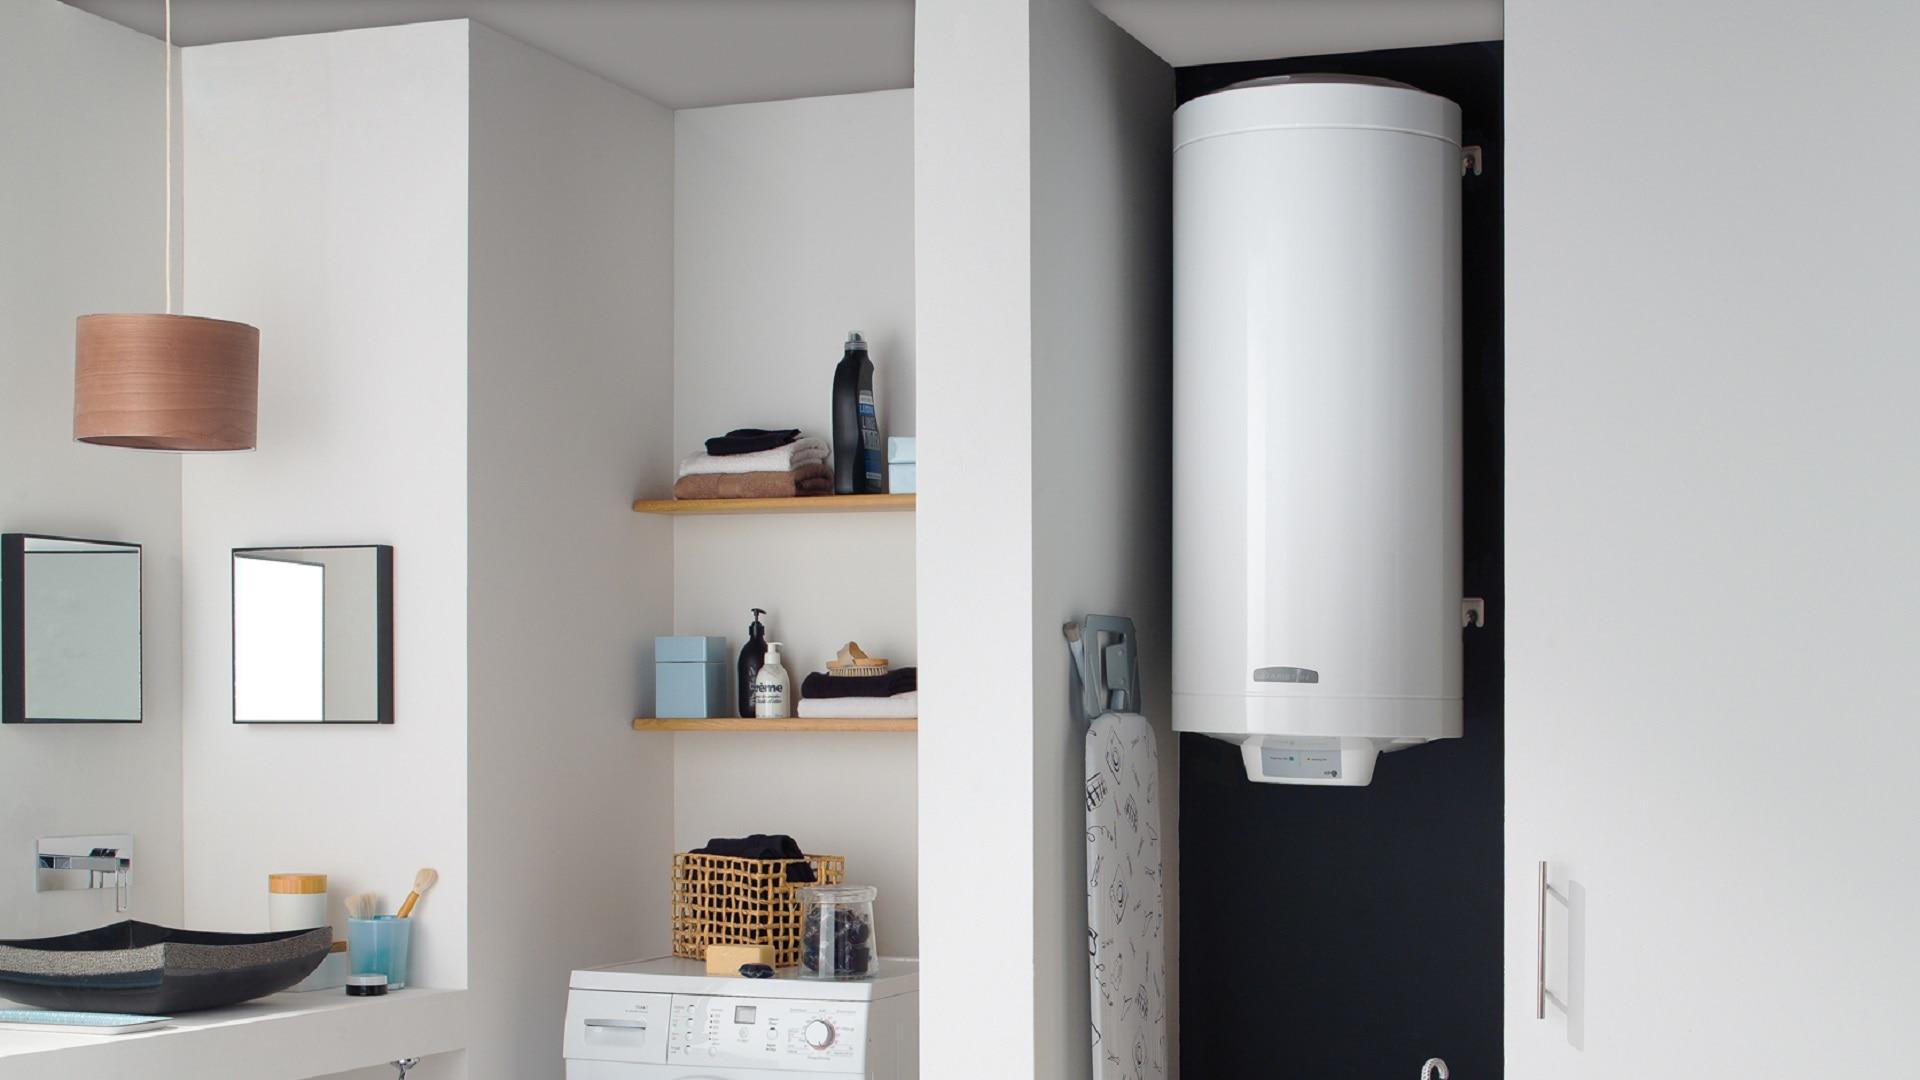 Installation de chauffe eau électrique